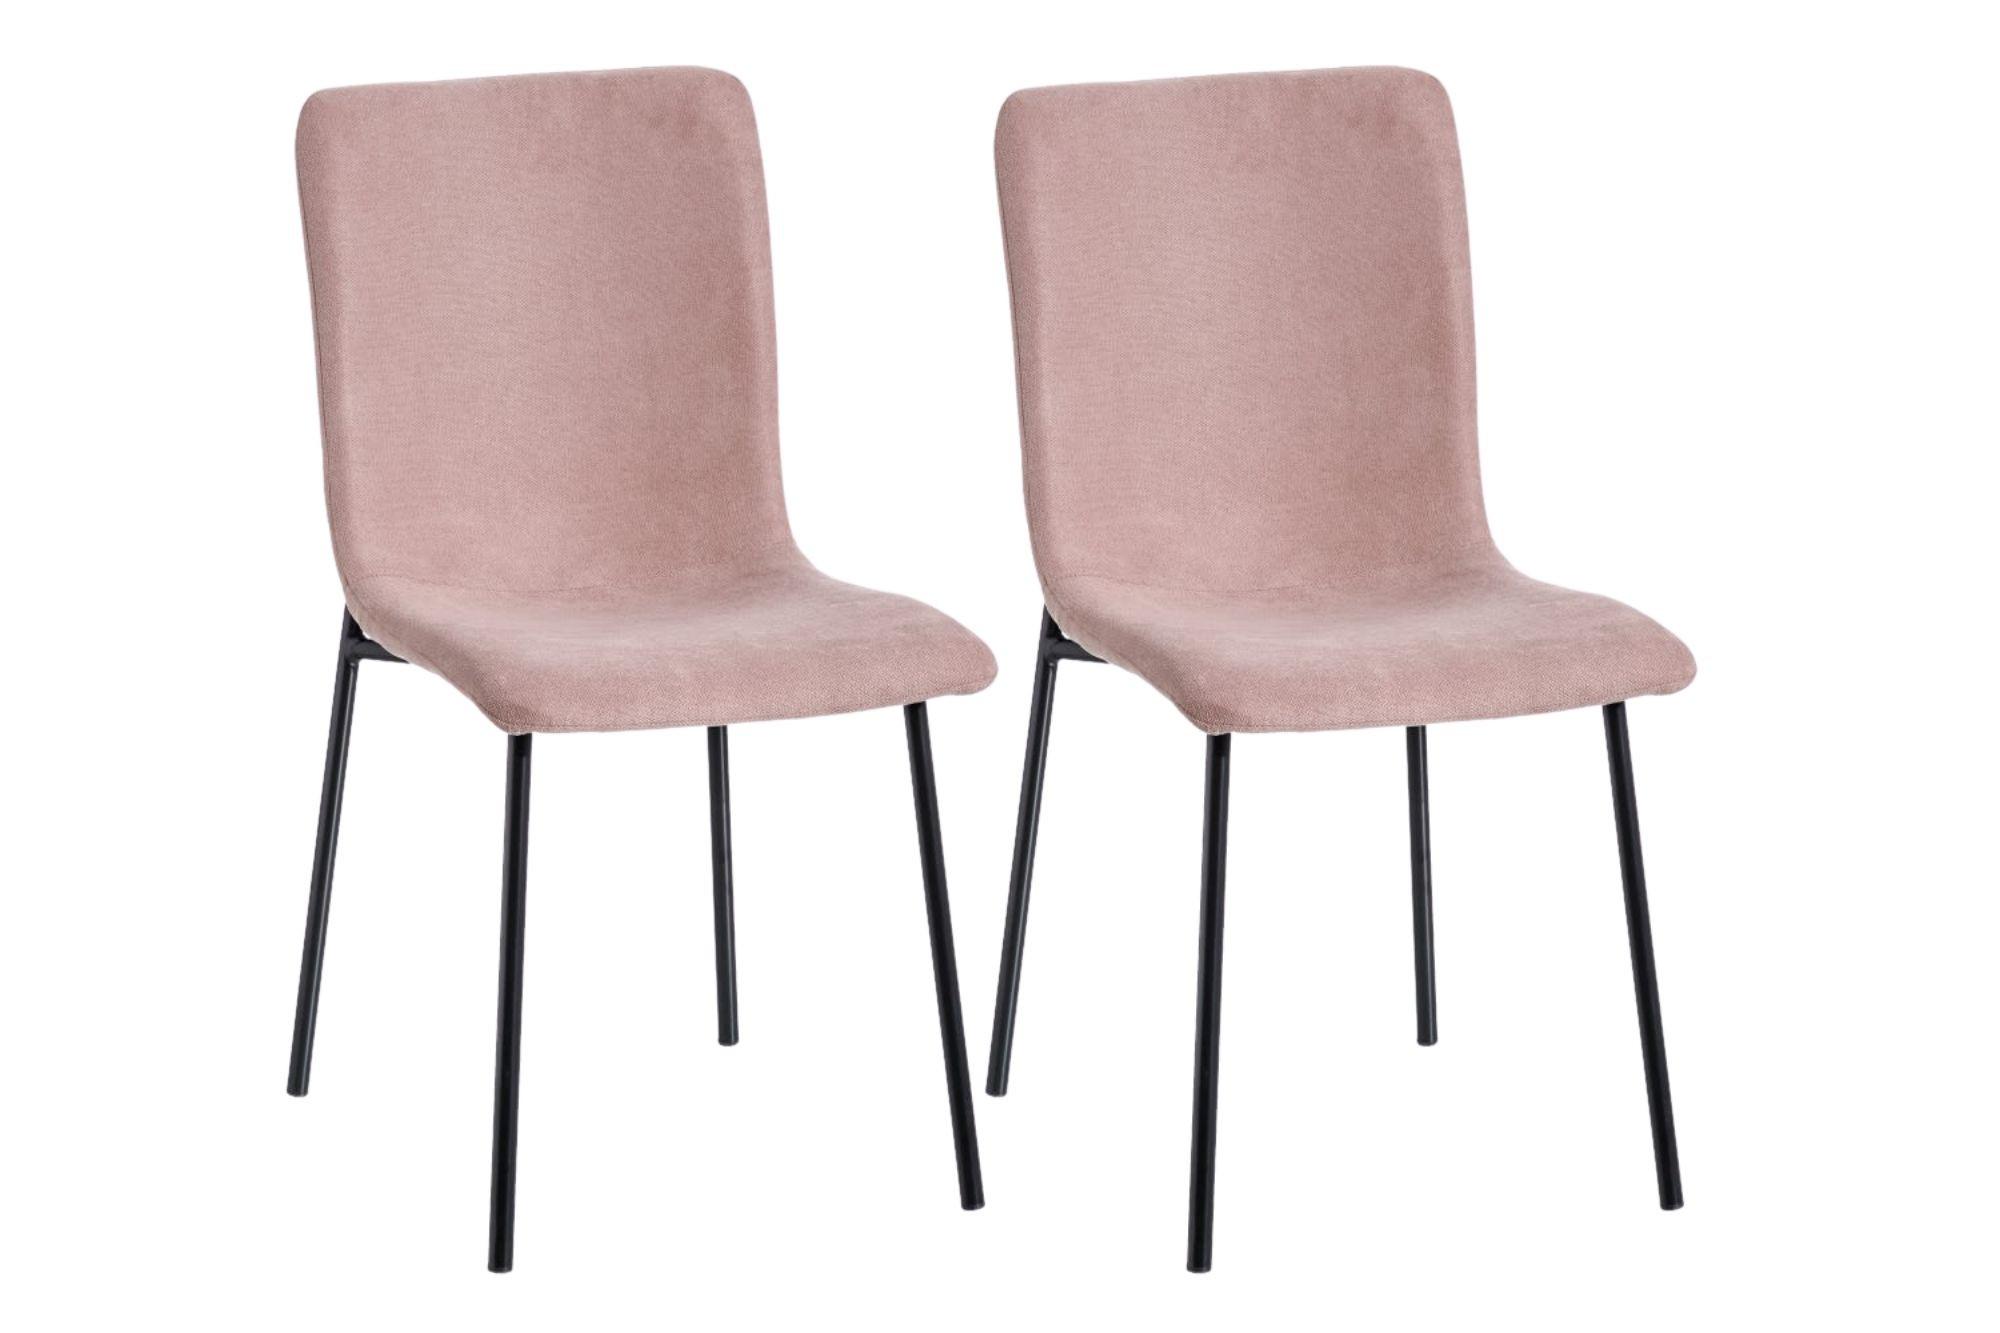 Chaises modernes en tissu et métal (lot de 2) MADDIE HELLIN